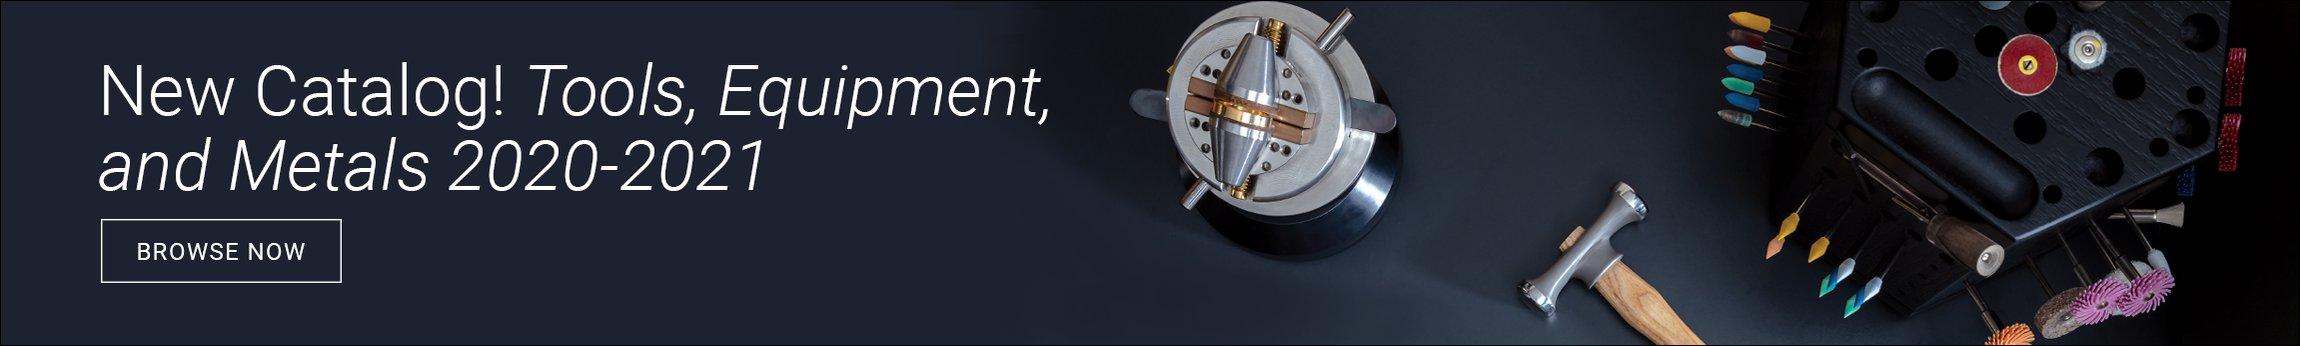 New Catalog! Tools, Equipment, and Metals